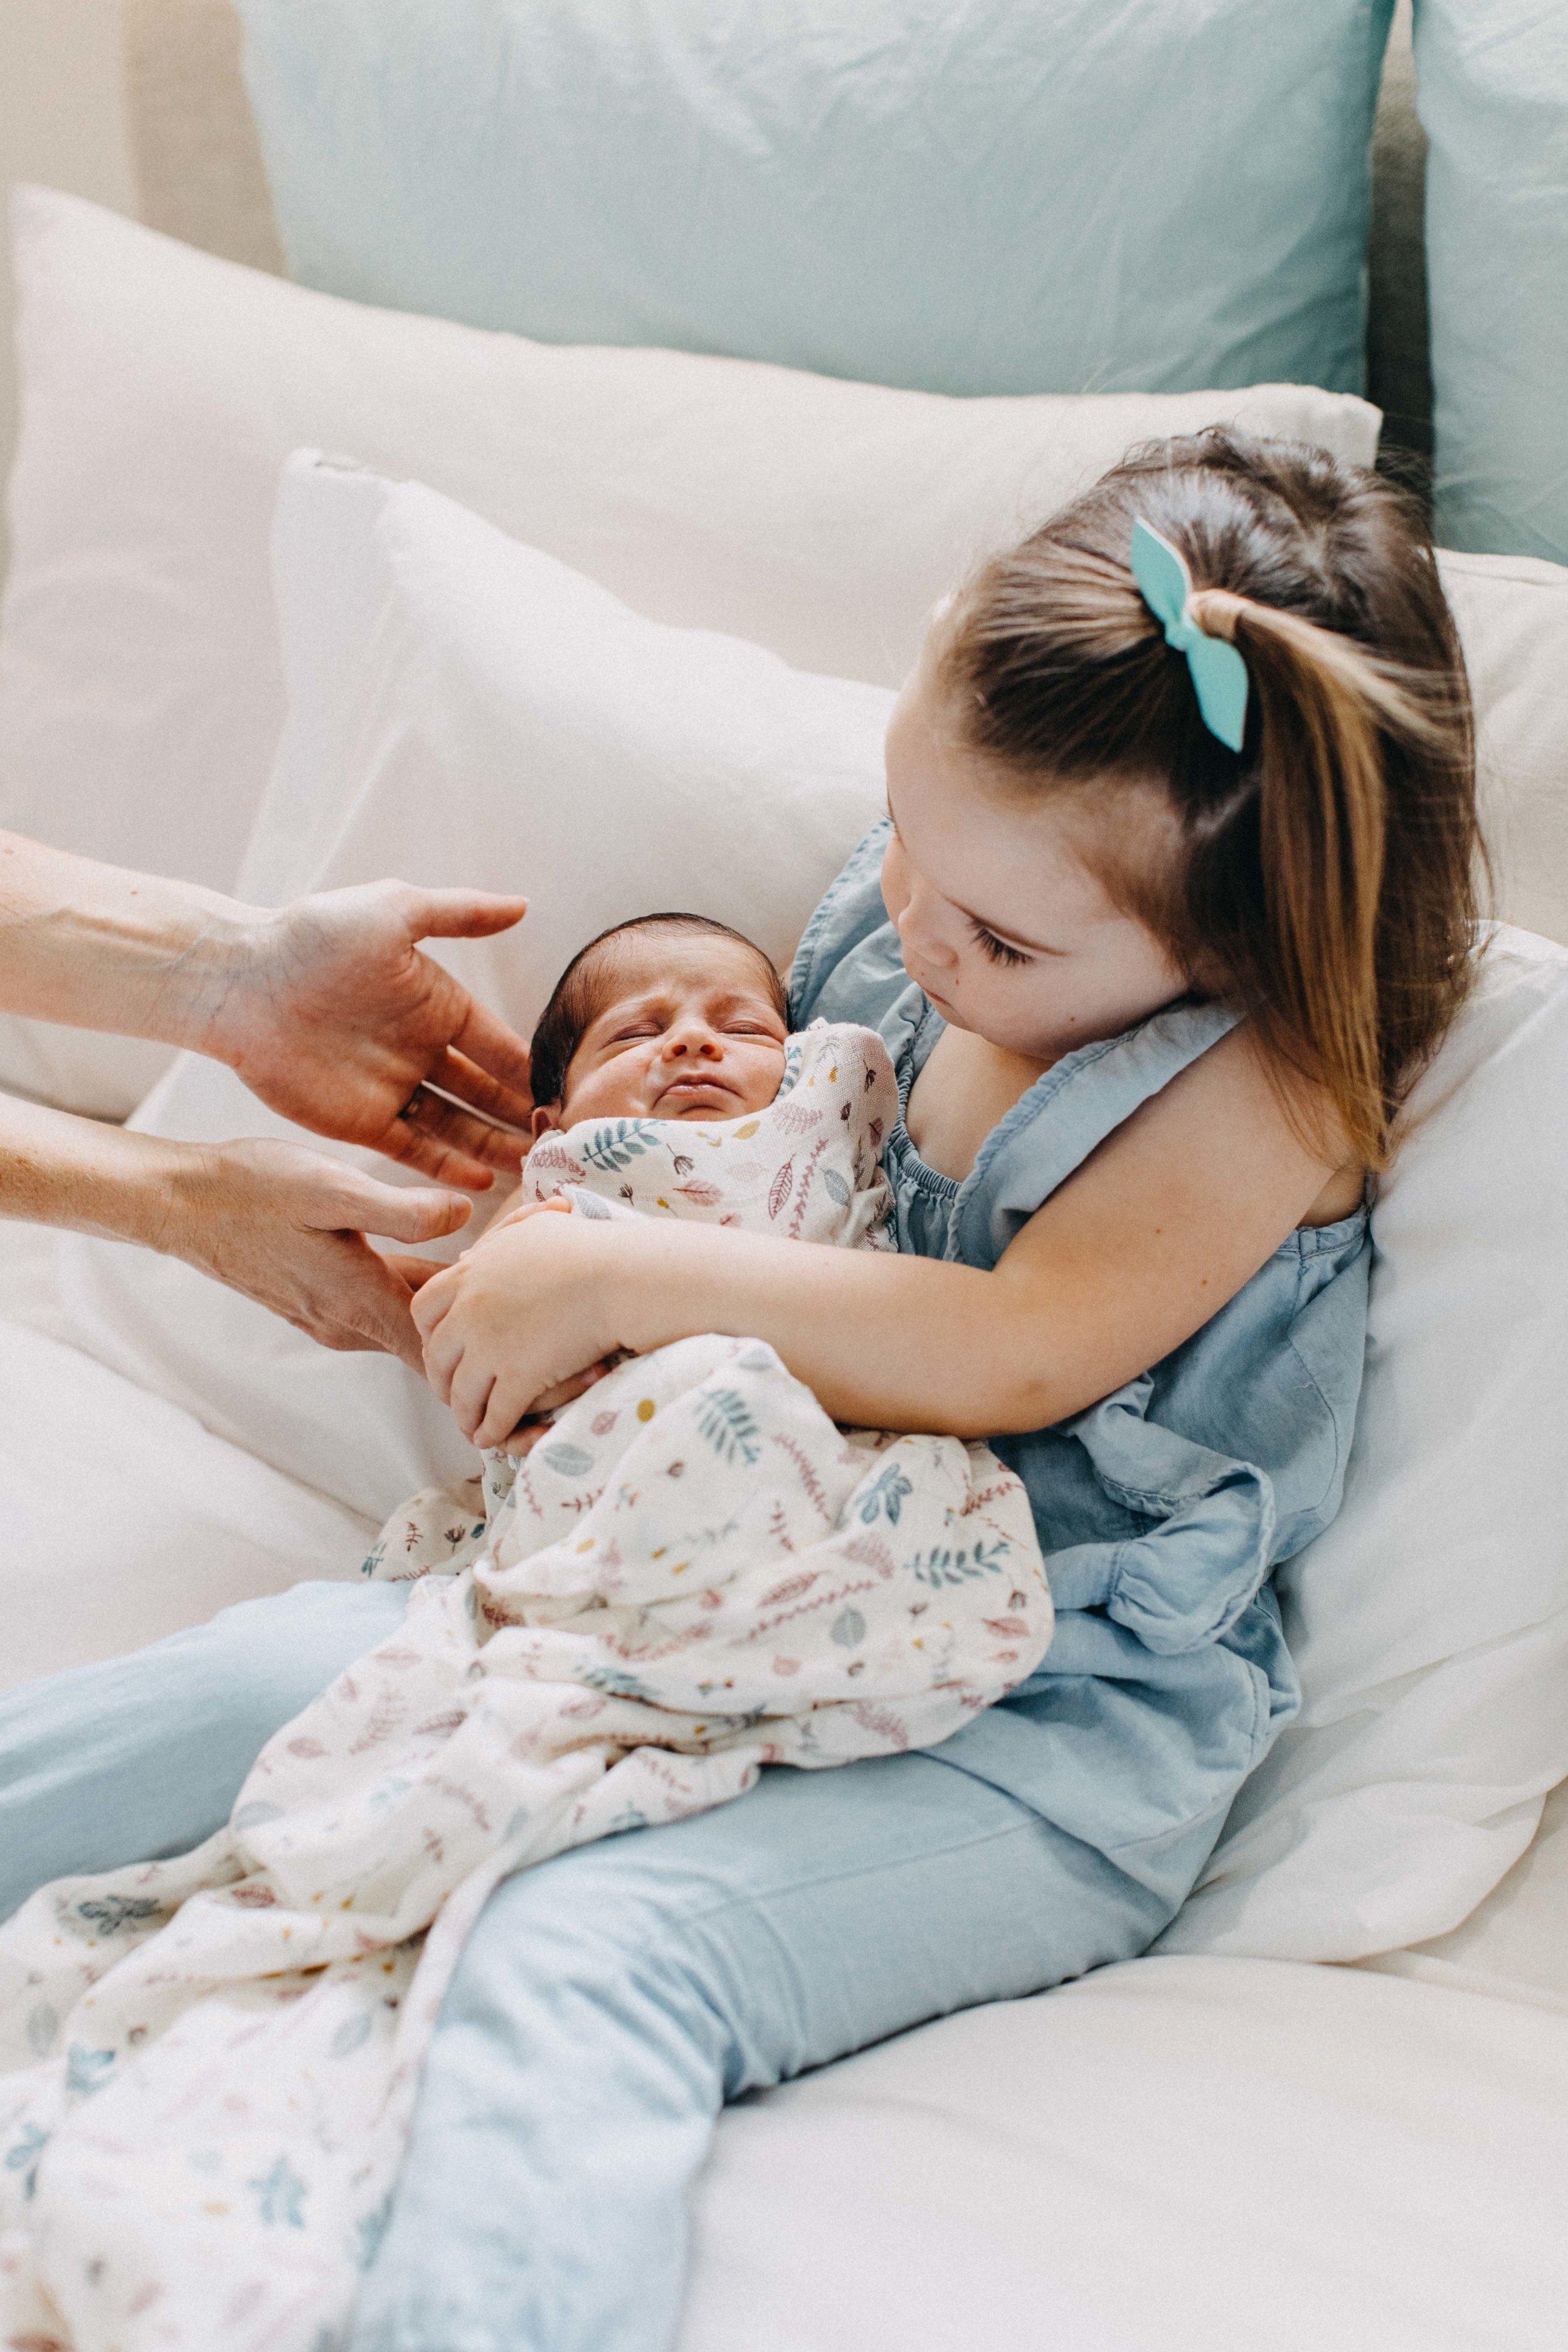 cobbityy-camden-newborn-twin-phootgraphy-violet-brodie-10.jpg